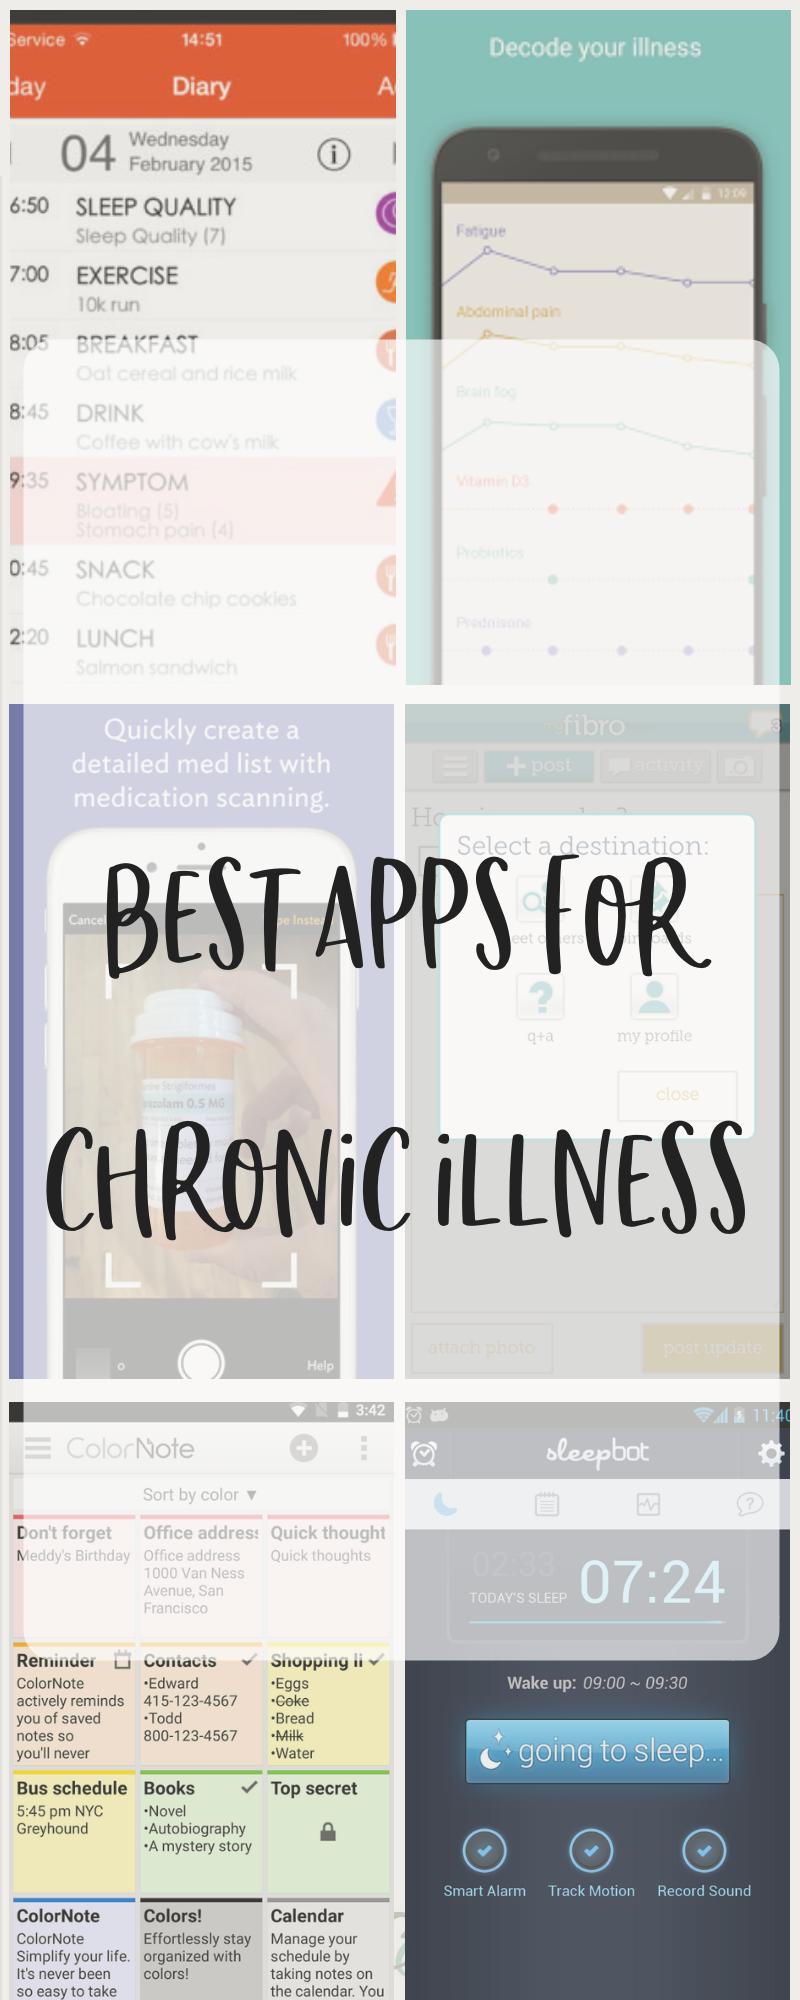 Best Apps for Chronic Illness